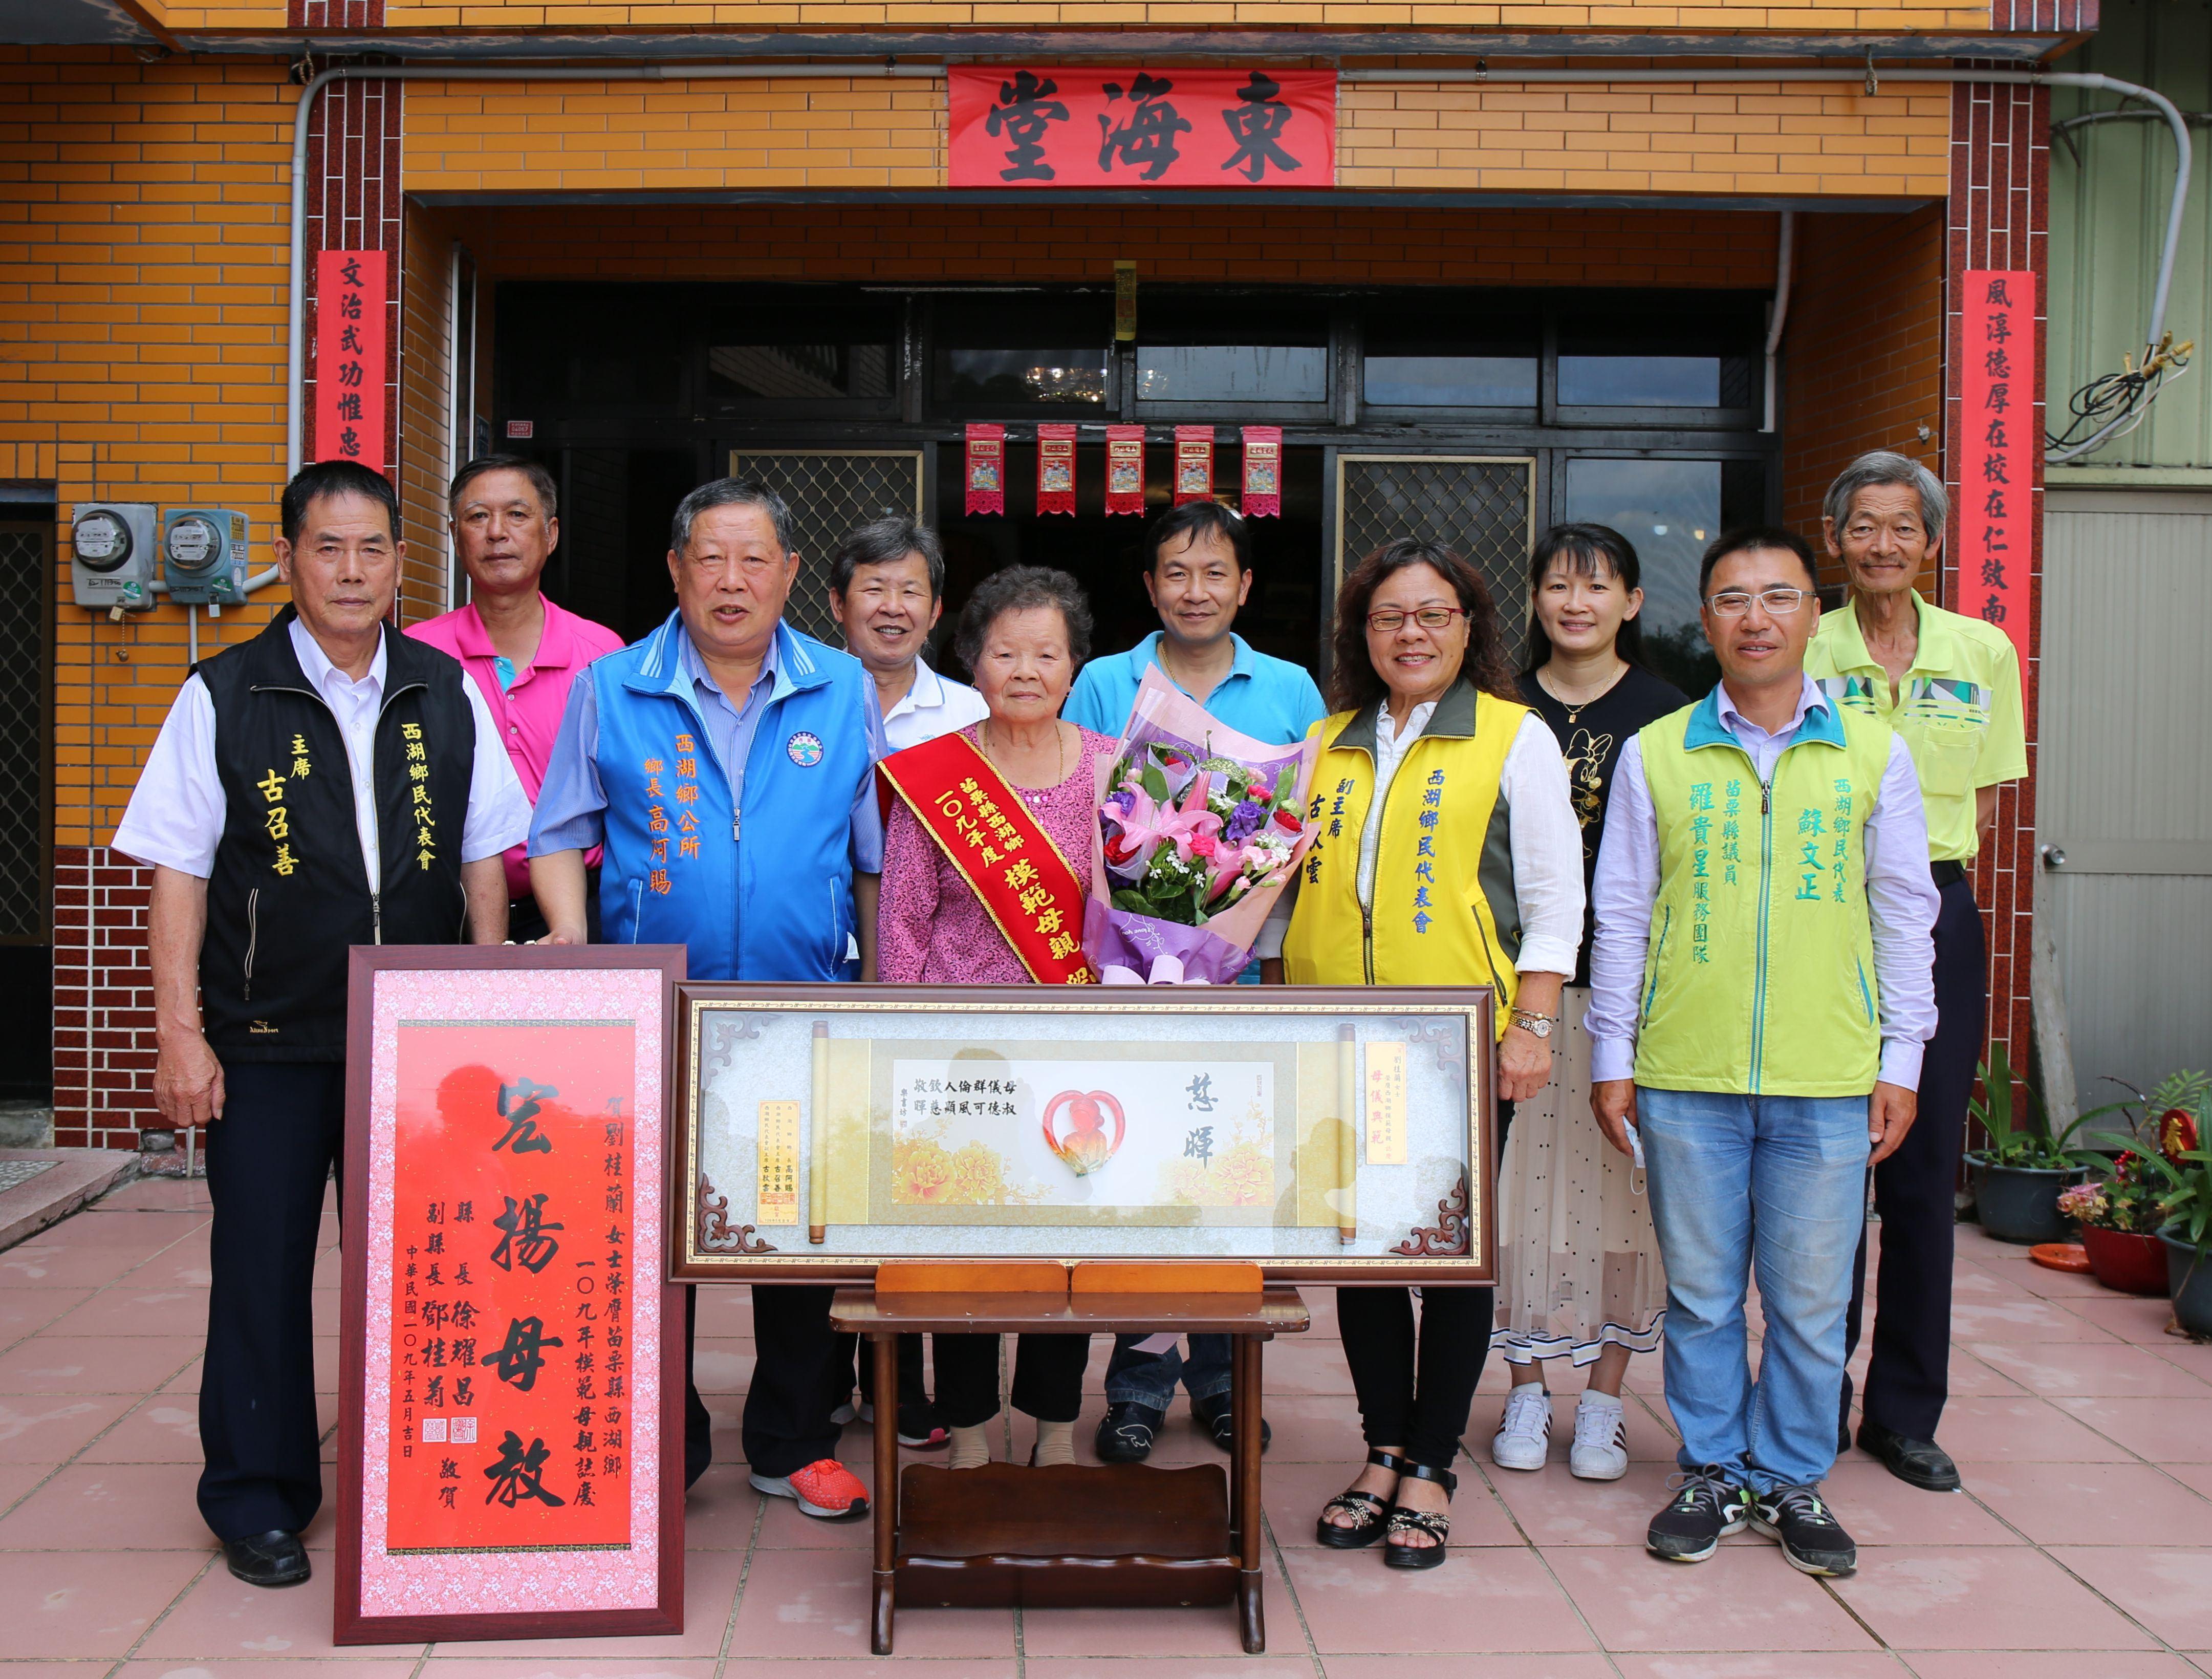 西湖鄉109年度模範母親暨孝行楷模表揚